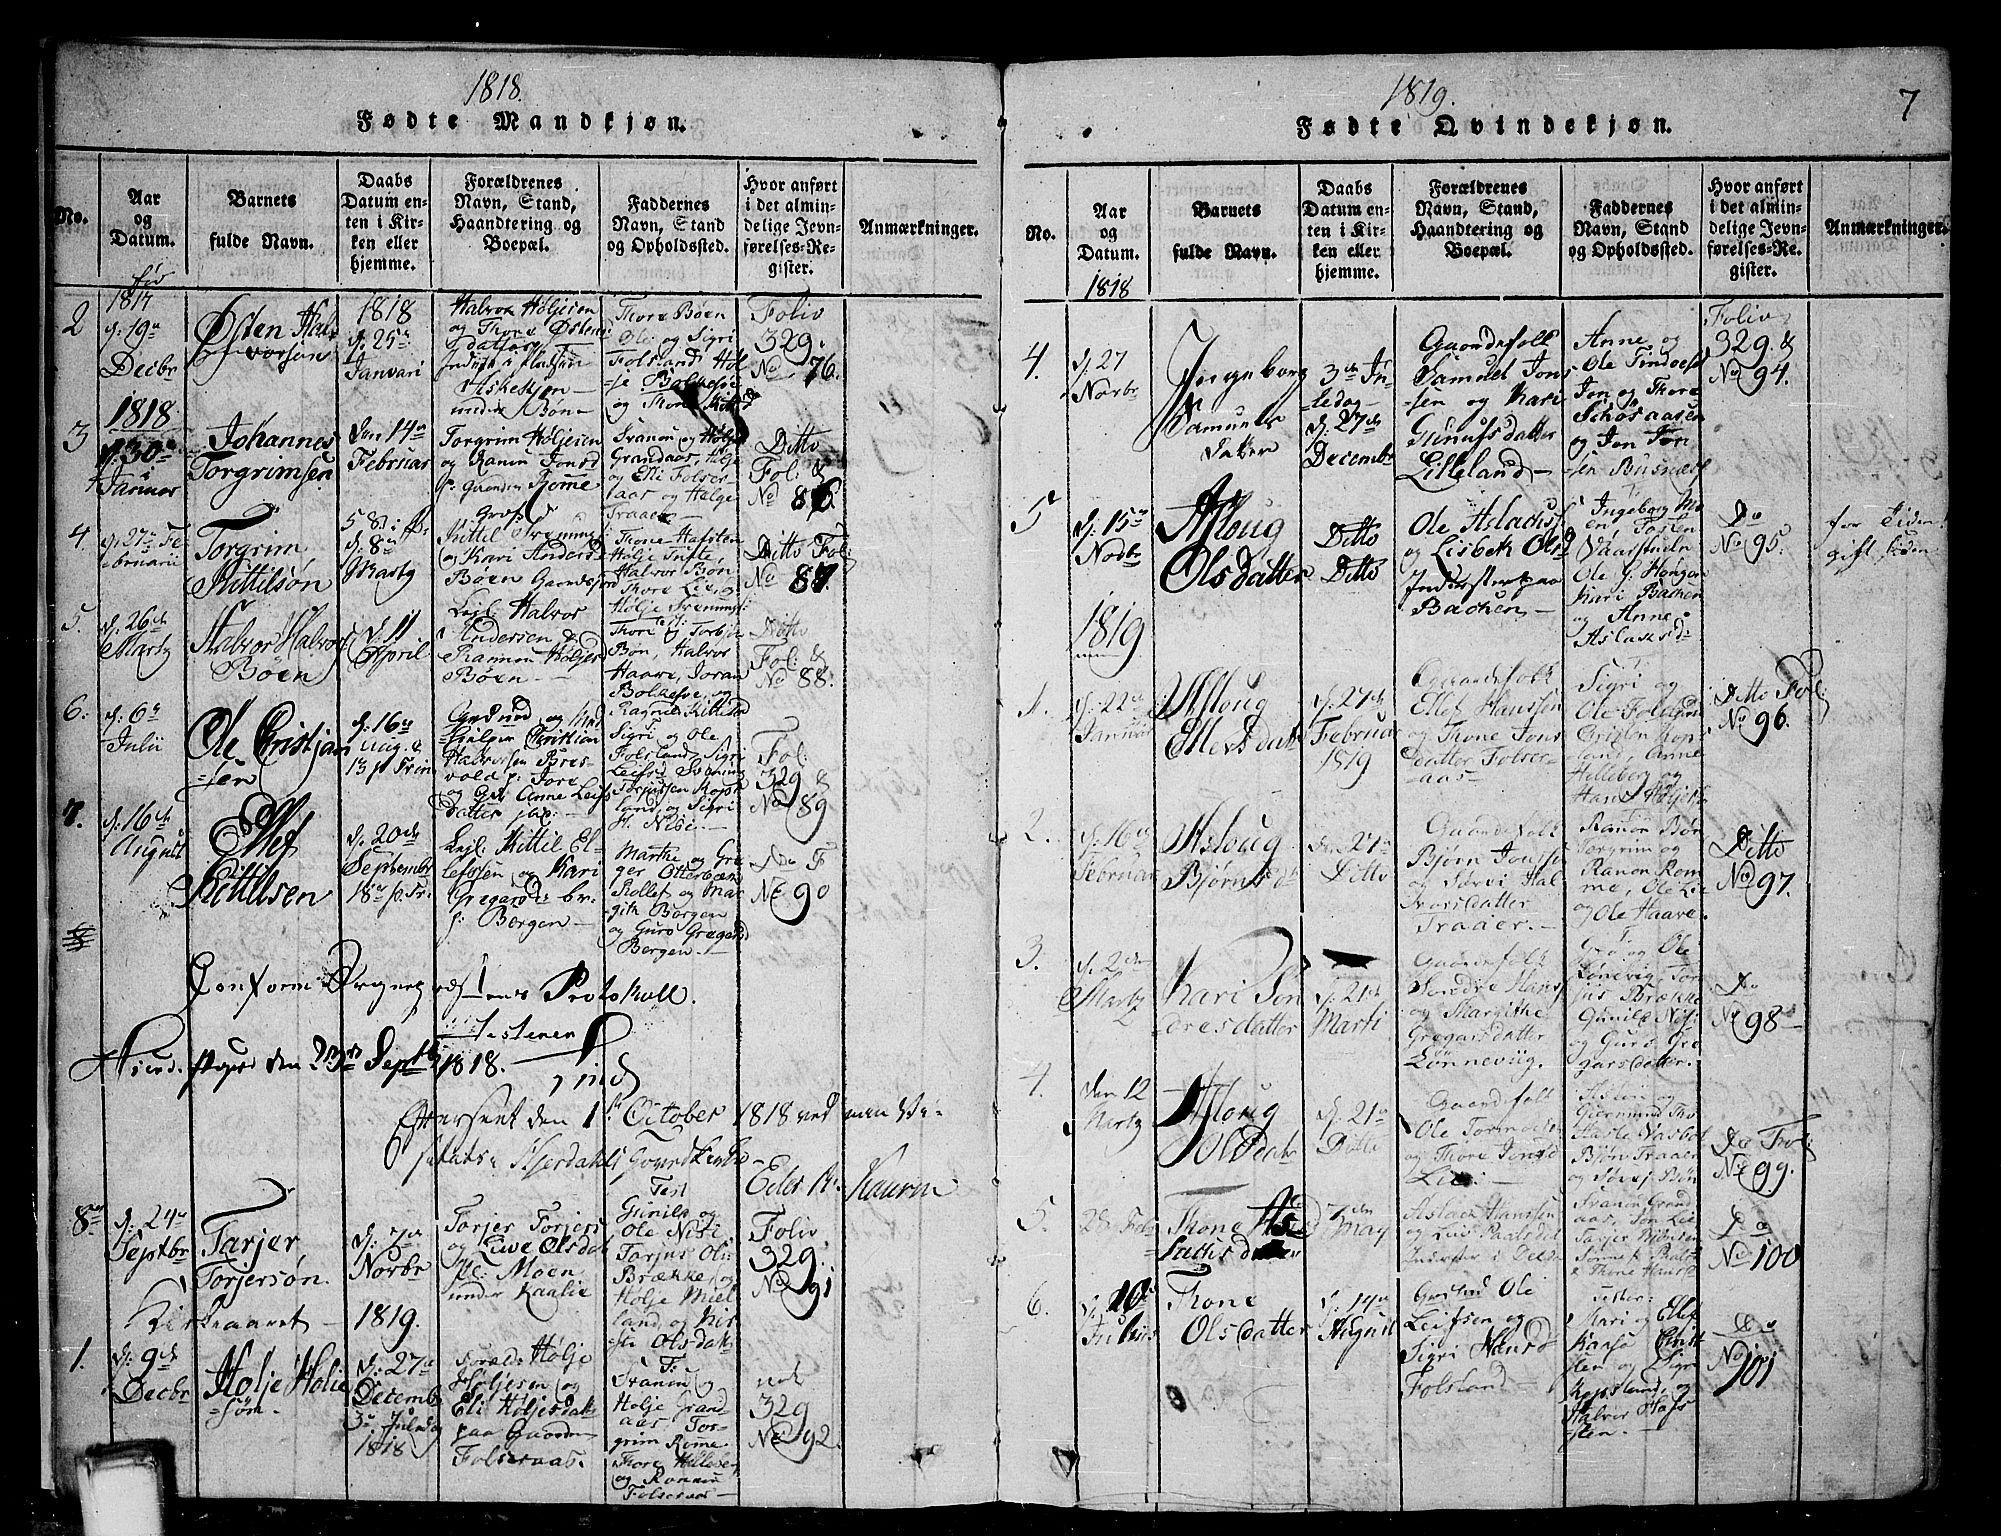 SAKO, Gransherad kirkebøker, G/Ga/L0001: Klokkerbok nr. I 1, 1815-1842, s. 7